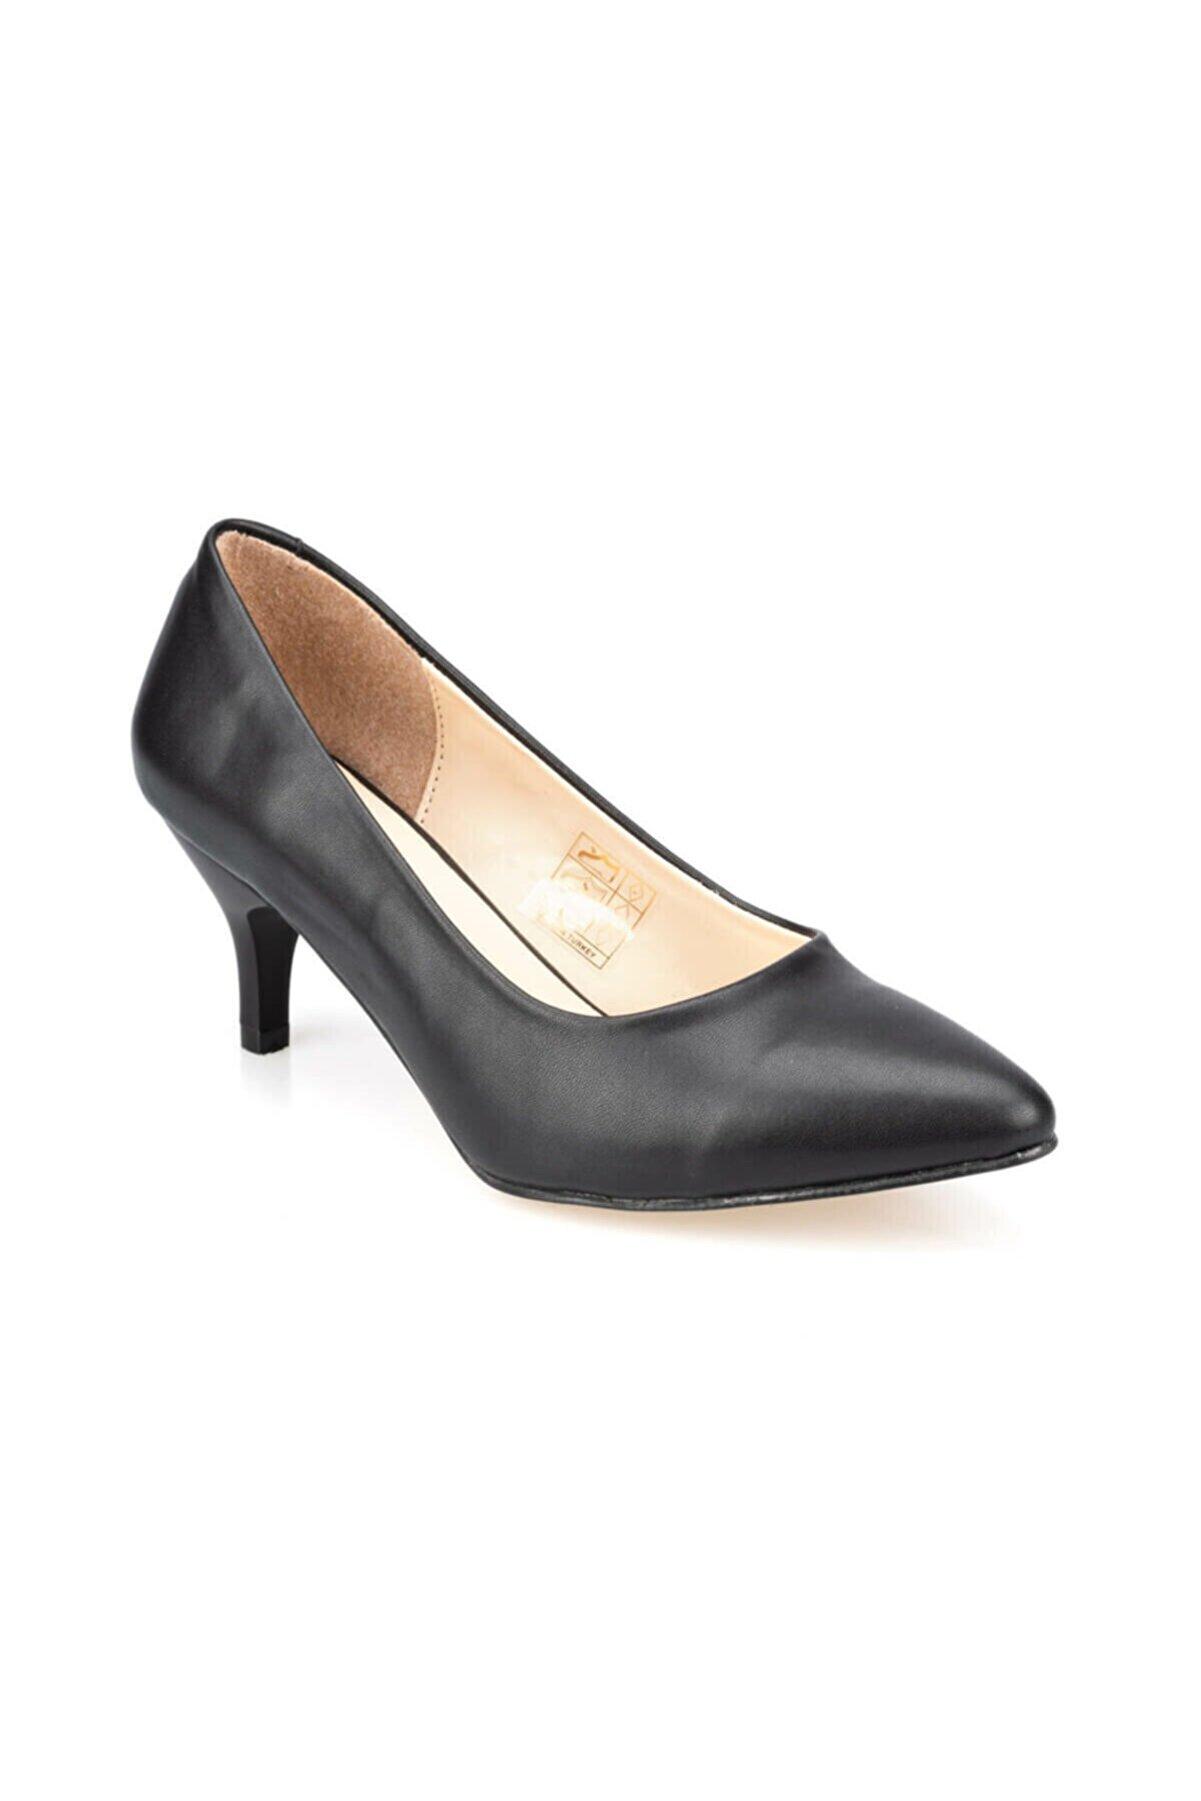 Polaris 91.307282.z Siyah Kadın Gova Ayakkabı 100351546